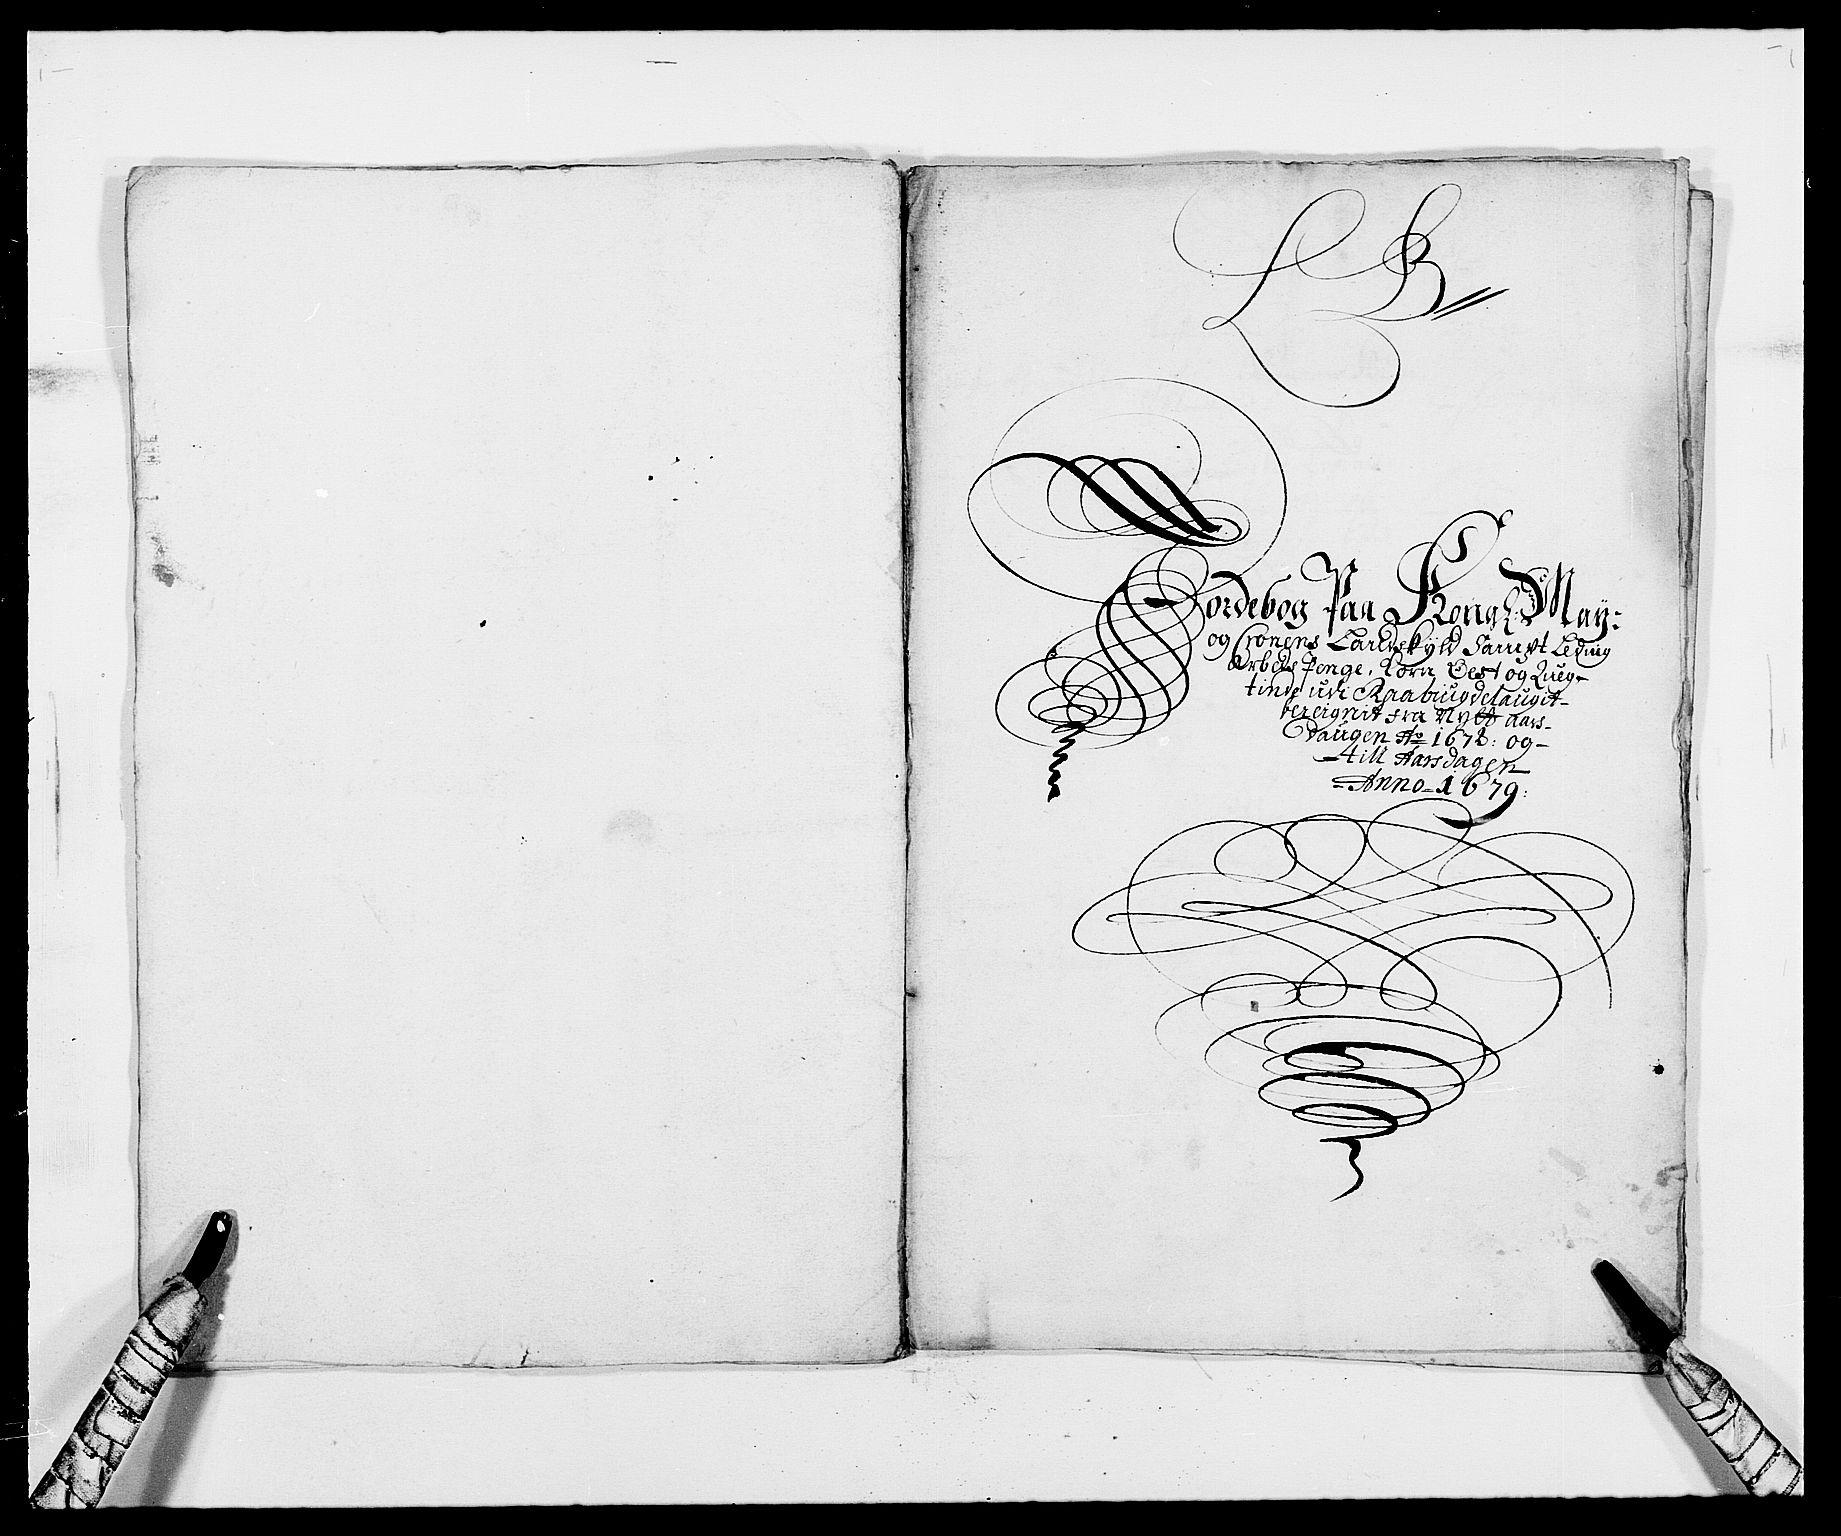 RA, Rentekammeret inntil 1814, Reviderte regnskaper, Fogderegnskap, R40/L2435: Fogderegnskap Råbyggelag, 1677-1678, s. 240